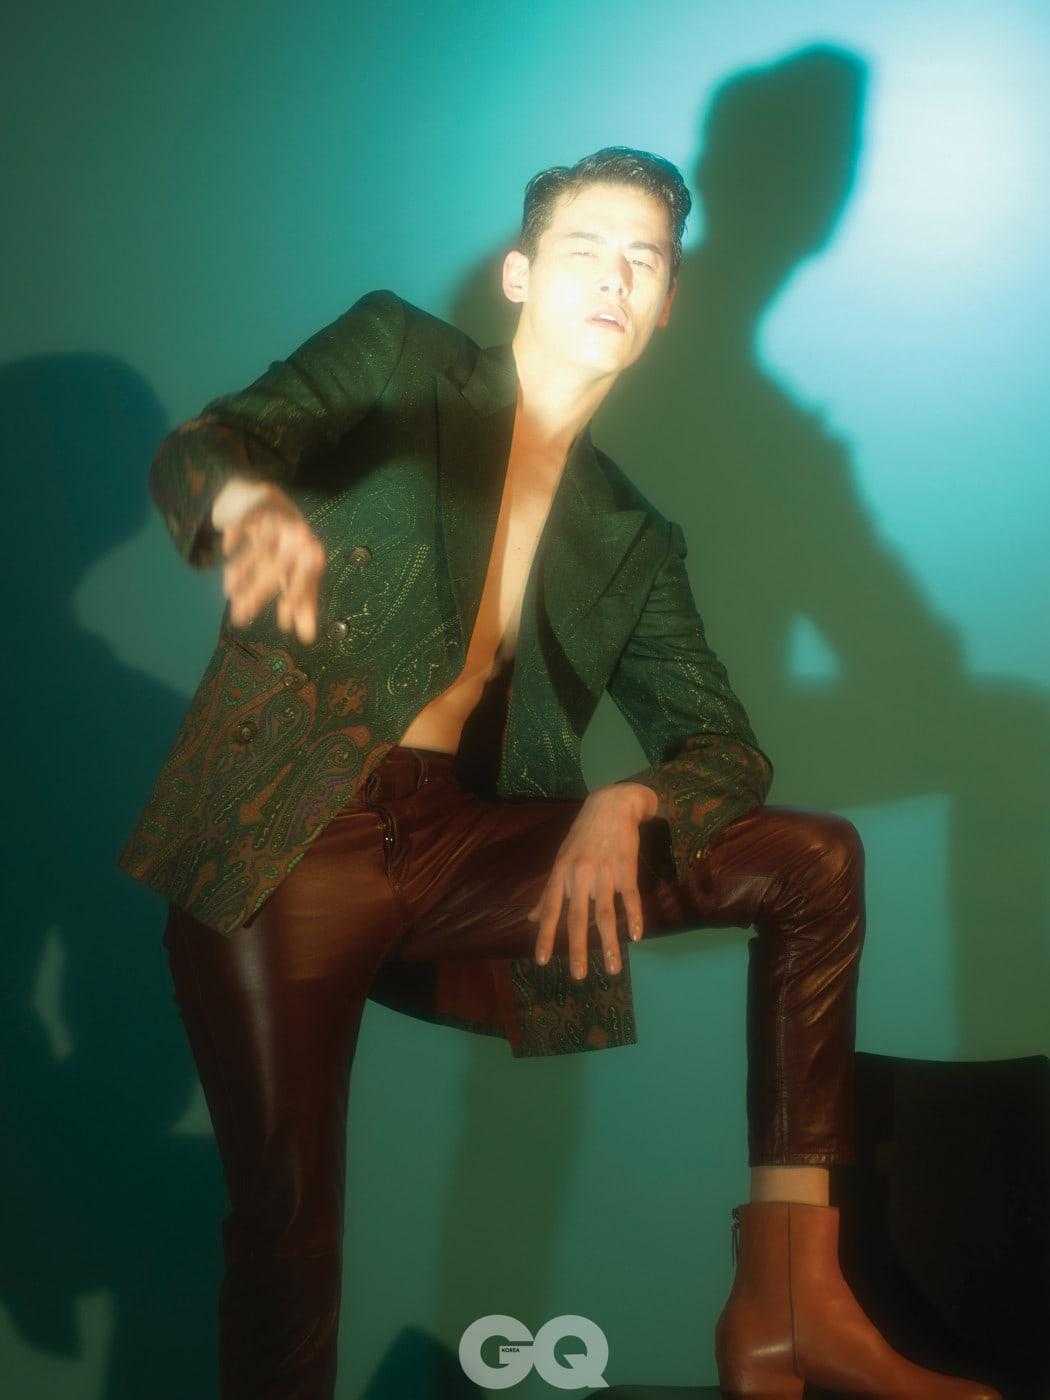 t 페이즐리 무늬 재킷 2백80만원, 에트로. 가죽 팬츠 가격 미정, 코치. 앵클부츠 가격 미정, 지방시.